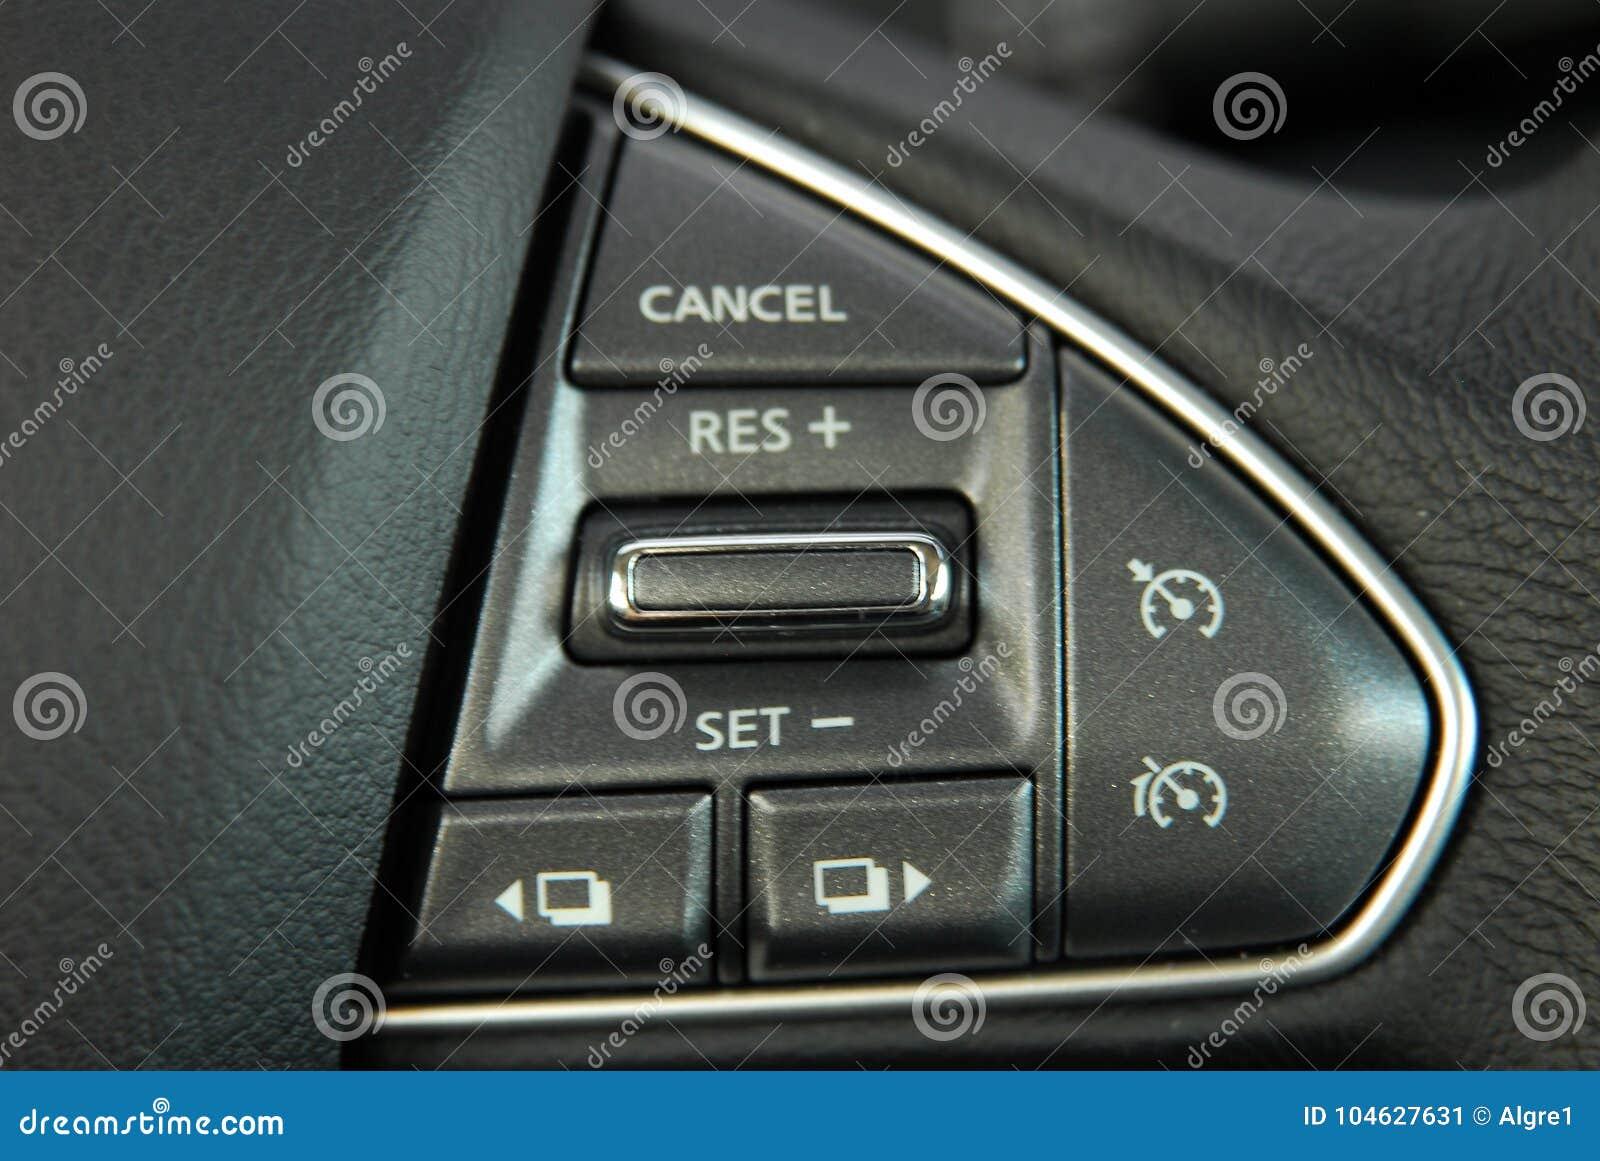 Download De Knoop Van De Cruisecontrole Stock Afbeelding - Afbeelding bestaande uit bestuurder, blacktop: 104627631